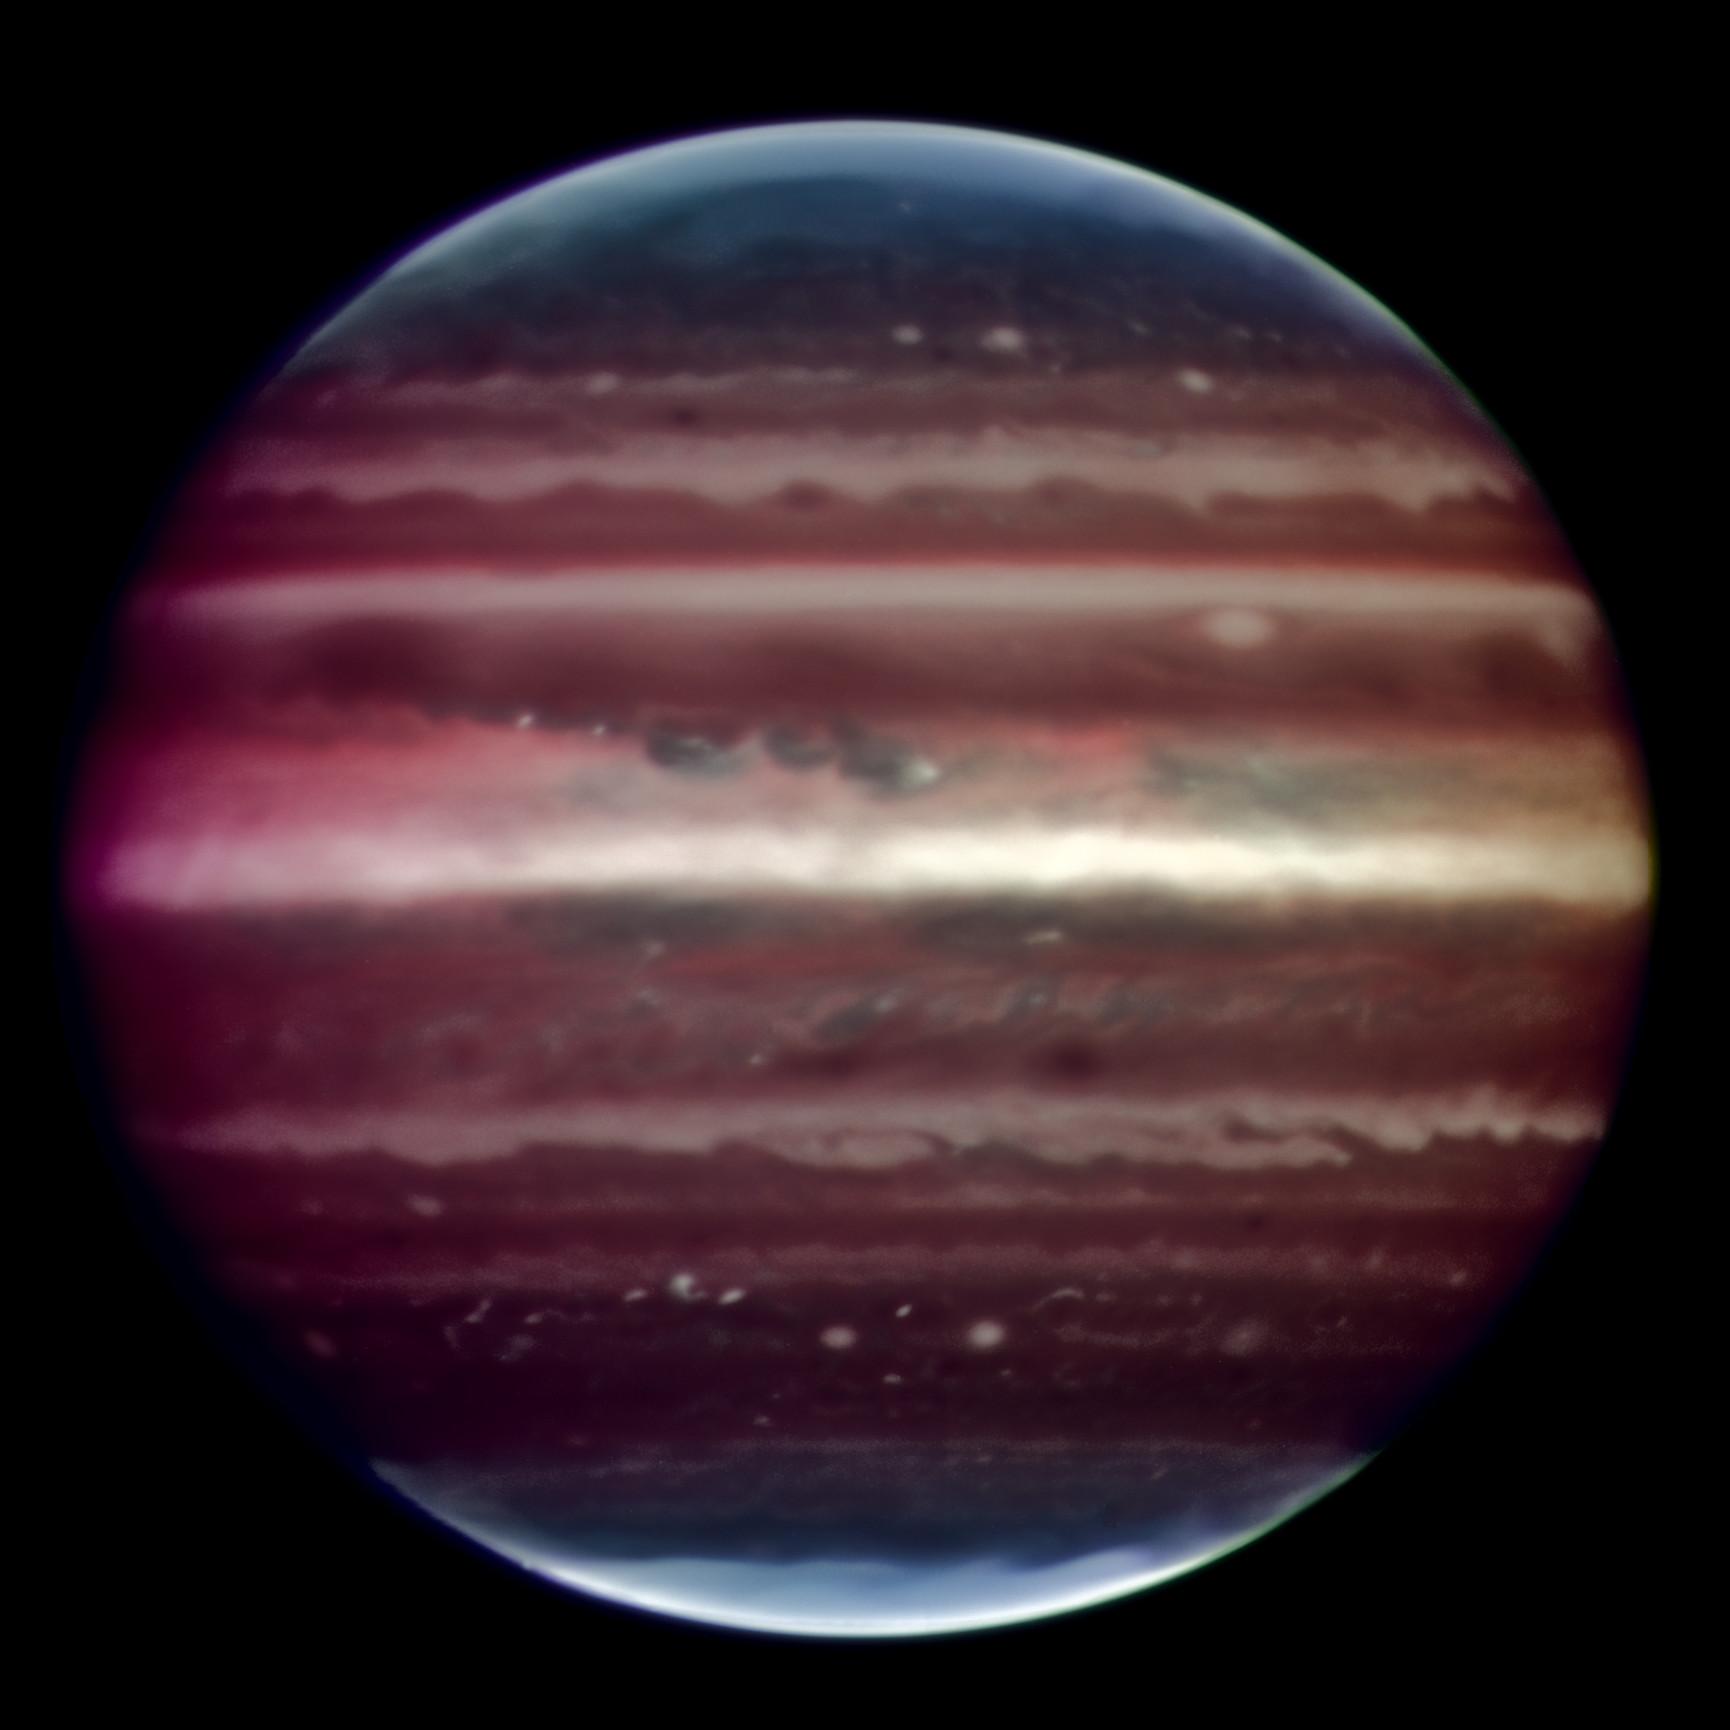 Asombrosa imagen de Júpiter tomada en luz infrarroja en la noche del 17 de Agosto de 2008 con el instrumento prototipo Demostrador de Óptica Adaptativa Multi-Conjugada (MAD) montado en el Very Large Telescope de ESO. Esta foto en falso color es la combinación de una serie de imágenes tomadas durante un lapso de tiempo de aproximadamente 20 minutos, a través de tres filtros diferentes (2; 2,14, y 2,16 micrones). La nitidez de la imagen obtenida es cerca de 90 mili-arcosegundos a través del disco planetario entero, un verdadero récord en imágenes similares tomadas desde la Tierra. Esto corresponde a ver detalles de cerca de 300 kilómetros de ancho en la supericie del planeta gigante. La gran mancha roja no es visible en esta imagen ya que estaba en el otro lado del planeta durante las observaciones. Las observaciones fueron hechas en longitudes de onda infrarrojas donde la absorción debida al hidrógeno y metano es fuerte. Esto explica por qué los colores son diferentes de cómo vemos normalmente a Júpiter en luz visible. Esta absorción significa que la luz sólo puede ser reflejada de vuelta desde las neblinas de gran altitud, y no desde nubes más profundas. Estas neblinas se encuentran en la parte superior muy estable de la troposfera de Júpiter, donde las presiones están entre 0,15 y 0,3 bares. La mezcla es débil dentro de esta región estable, así que las partículas de neblina minúsculas pueden sobrevivir desde días hasta años, dependiendo de su tamaño y velocidad de caída. Adicionalmente, cerca de los polos del planeta, se genera una neblina estratosférica superior (regiones azul claro) por interacciones con las partículas atrapadas en el intenso campo magnético de Júpiter. Crédito: ESO/F. Marchis, M. Wong, E. Marchetti, P. Amico, S. Tordo